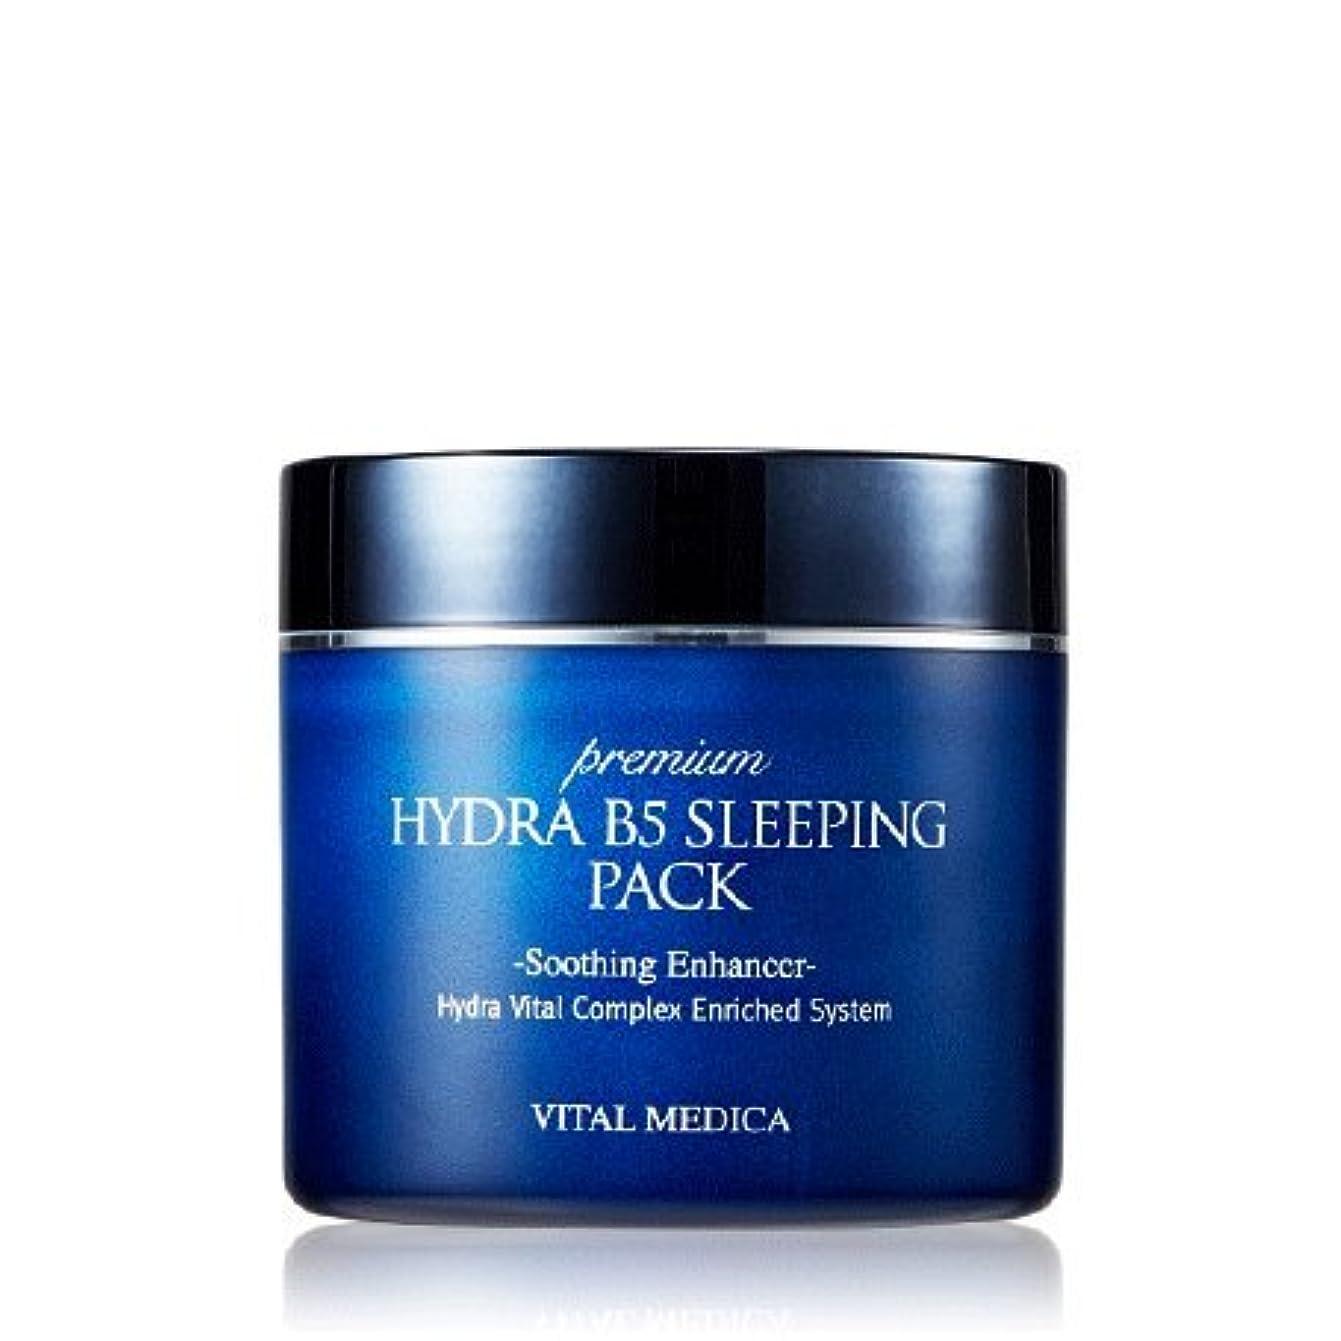 タクト脆い。A.H.C (AHC) Premium Hydra B5 Sleeping Pack 100ml/A.H.C プレミアム ハイドラ B5 スリーピング パック 100ml [並行輸入品]